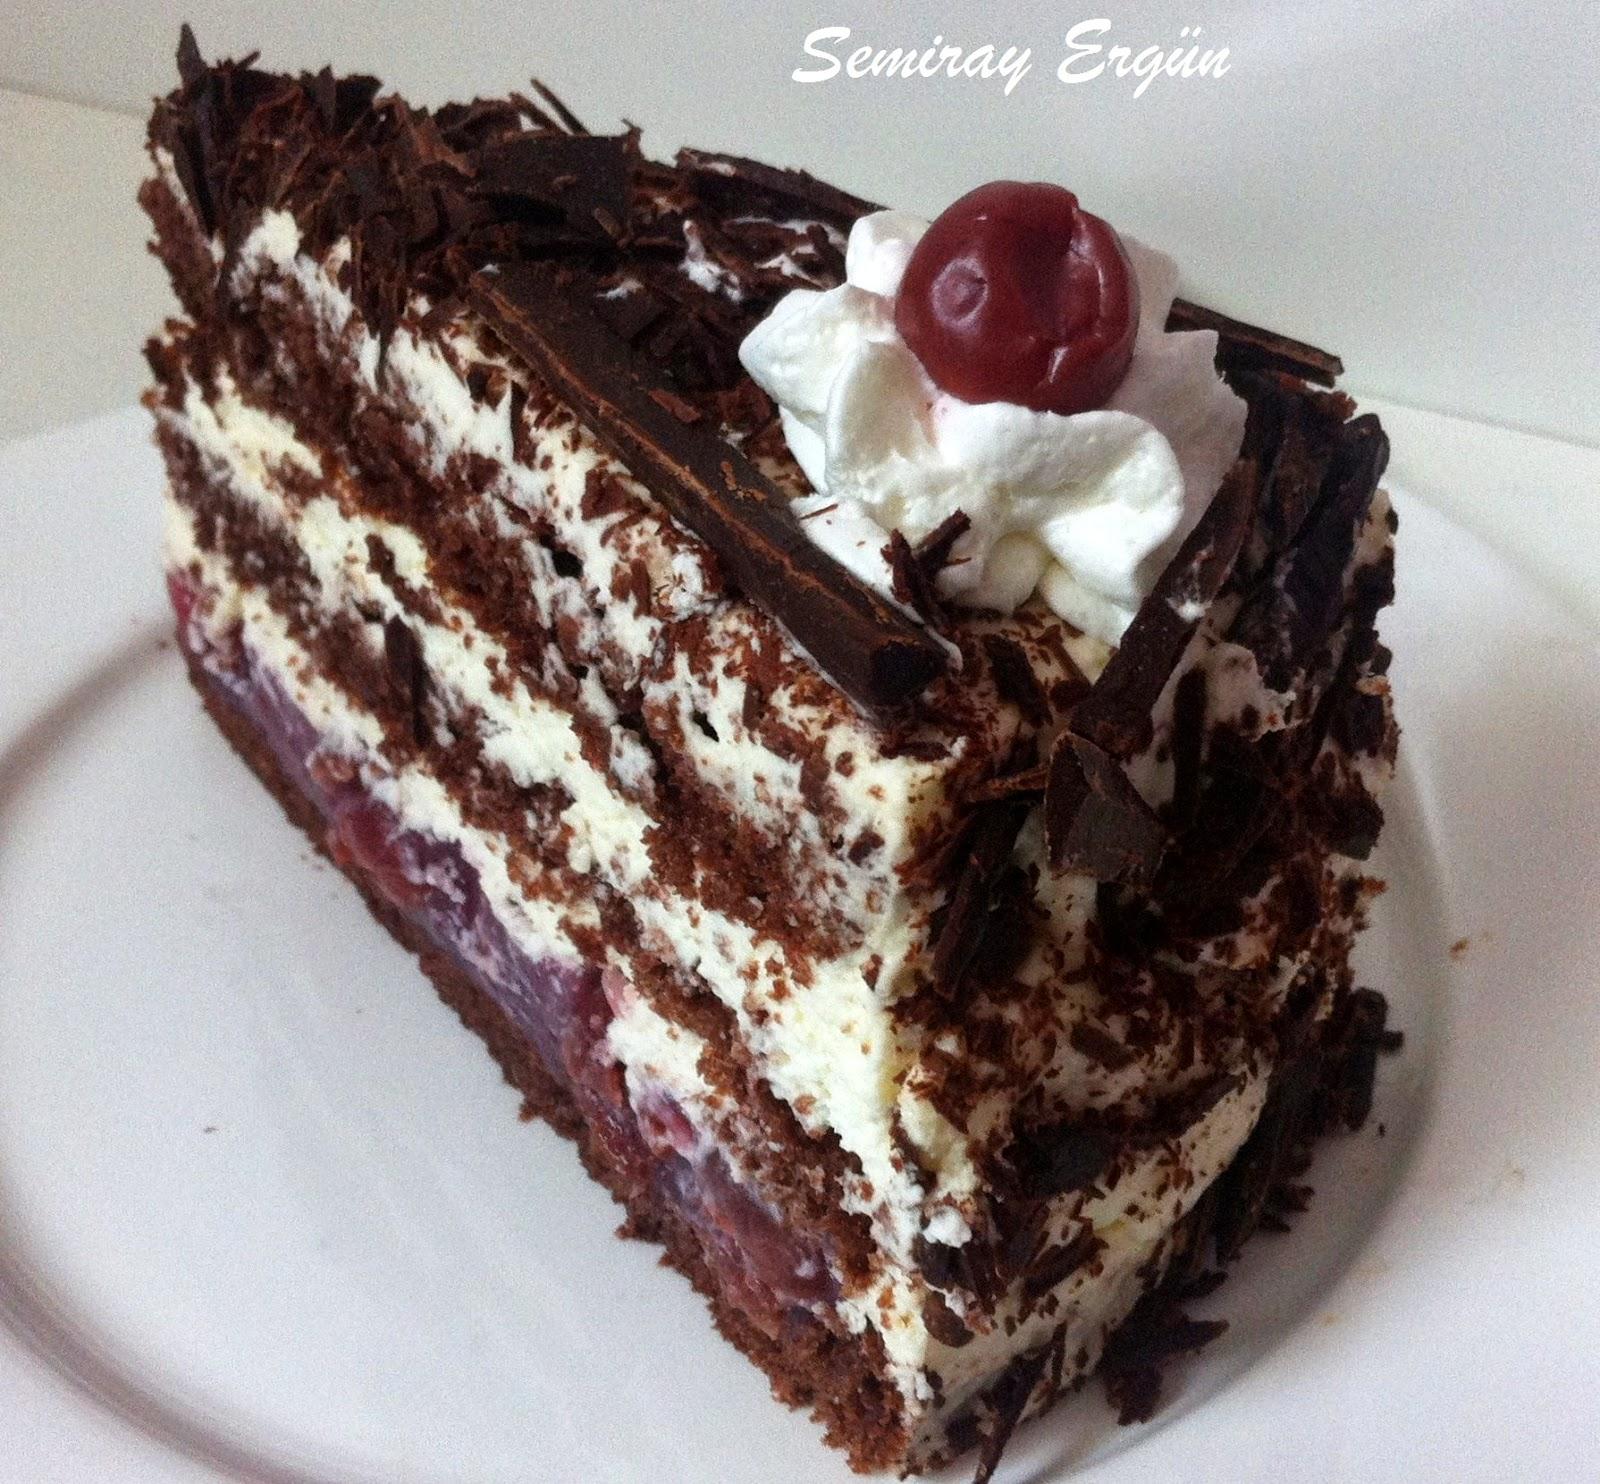 Evde pratik kara orman pastası nasıl yapılır